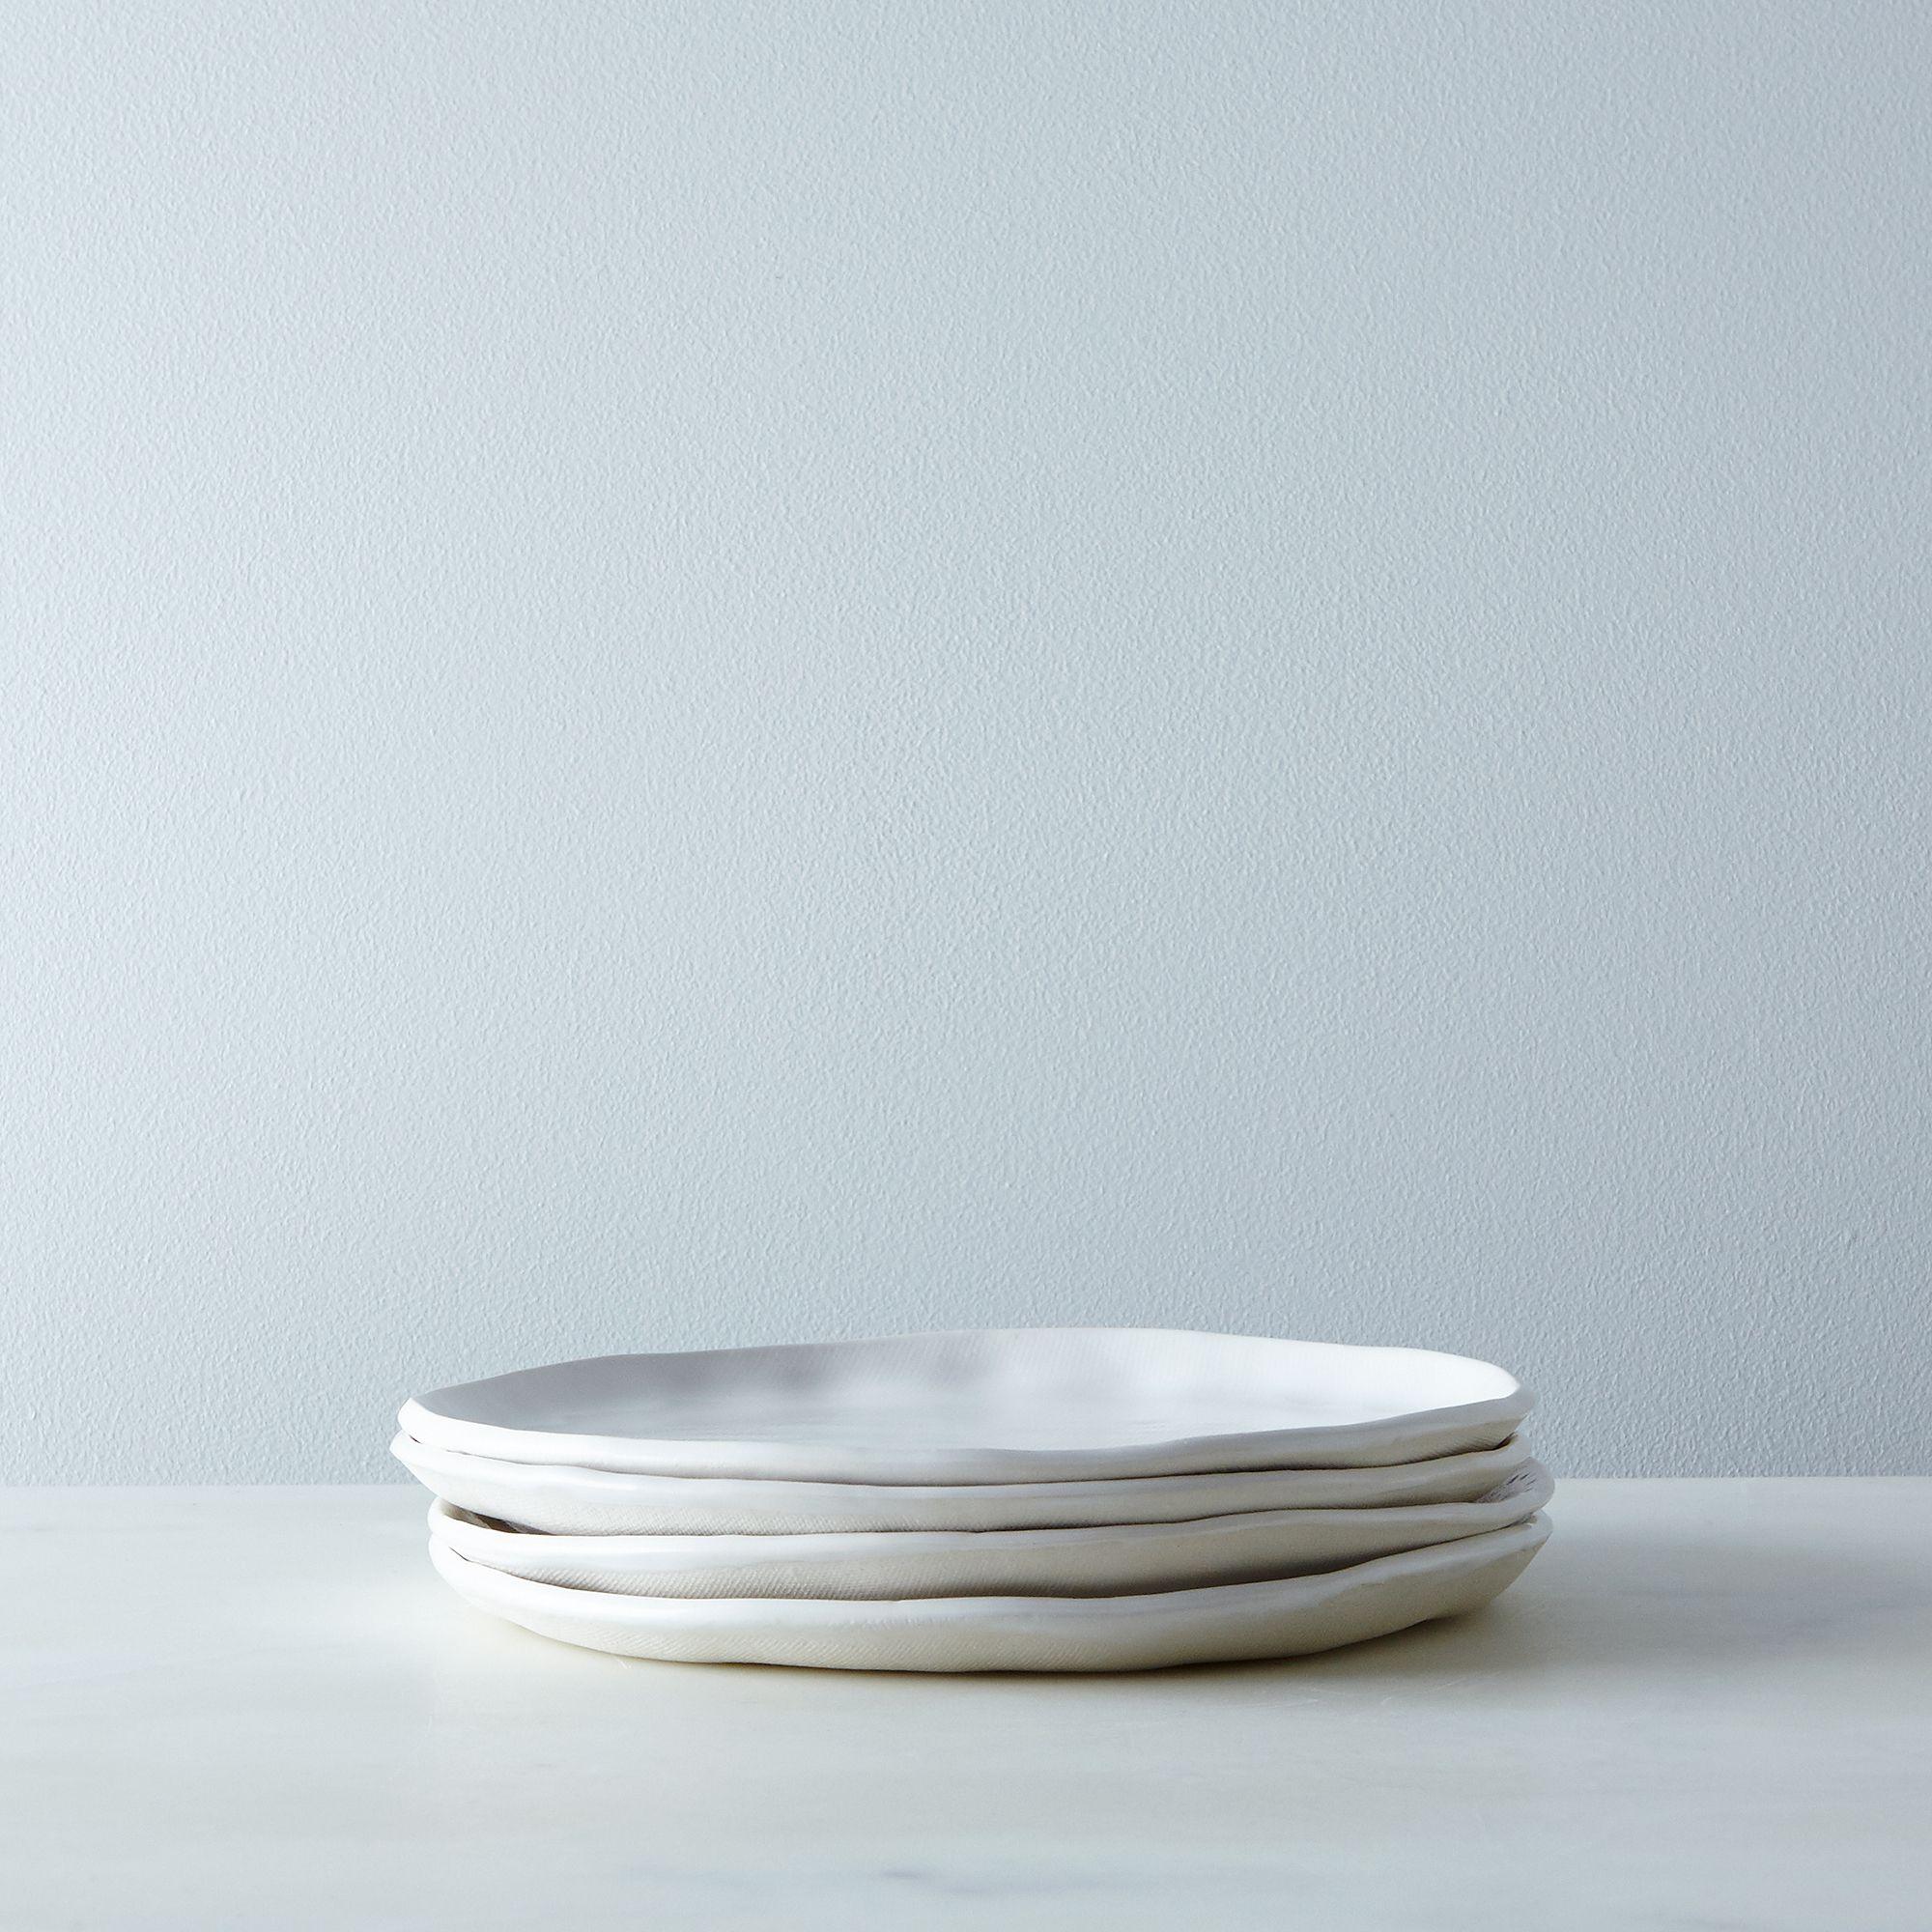 Tableware by Erin